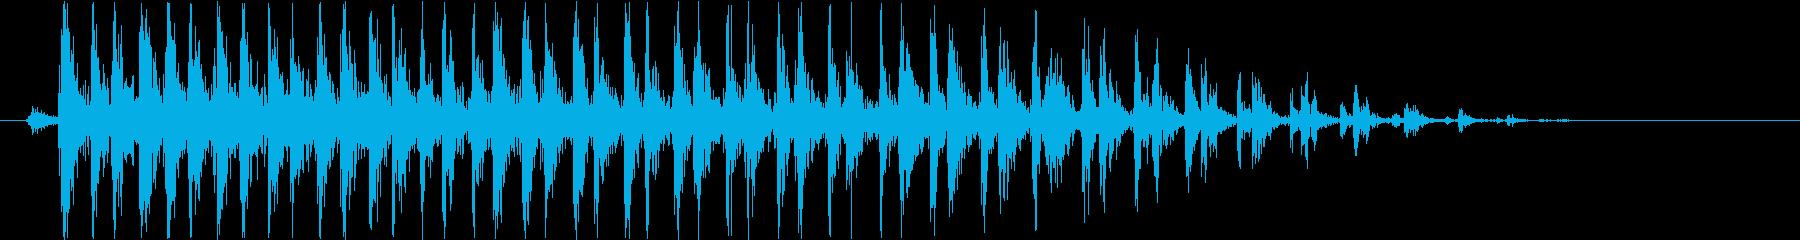 ビブラスラップ(軽め)の再生済みの波形